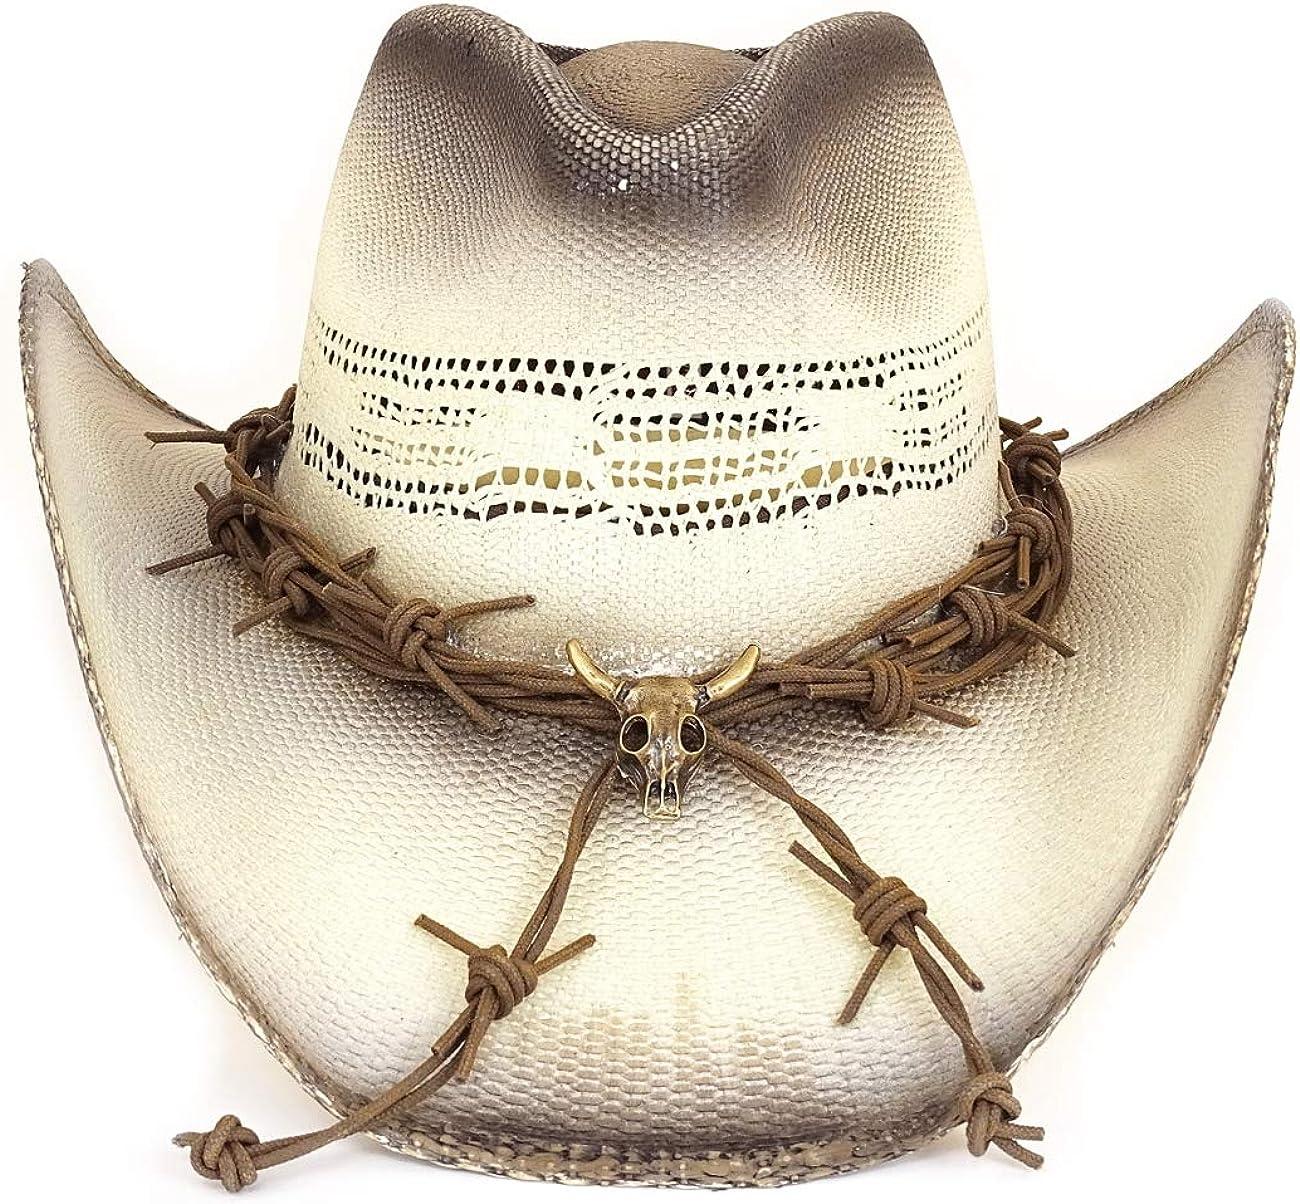 Sommerhut Sonnenhut Cowboyhut aus Stroh f/ür Damen und Herren Westernwear-Shop Westernhut Strohhut Ghost Rider